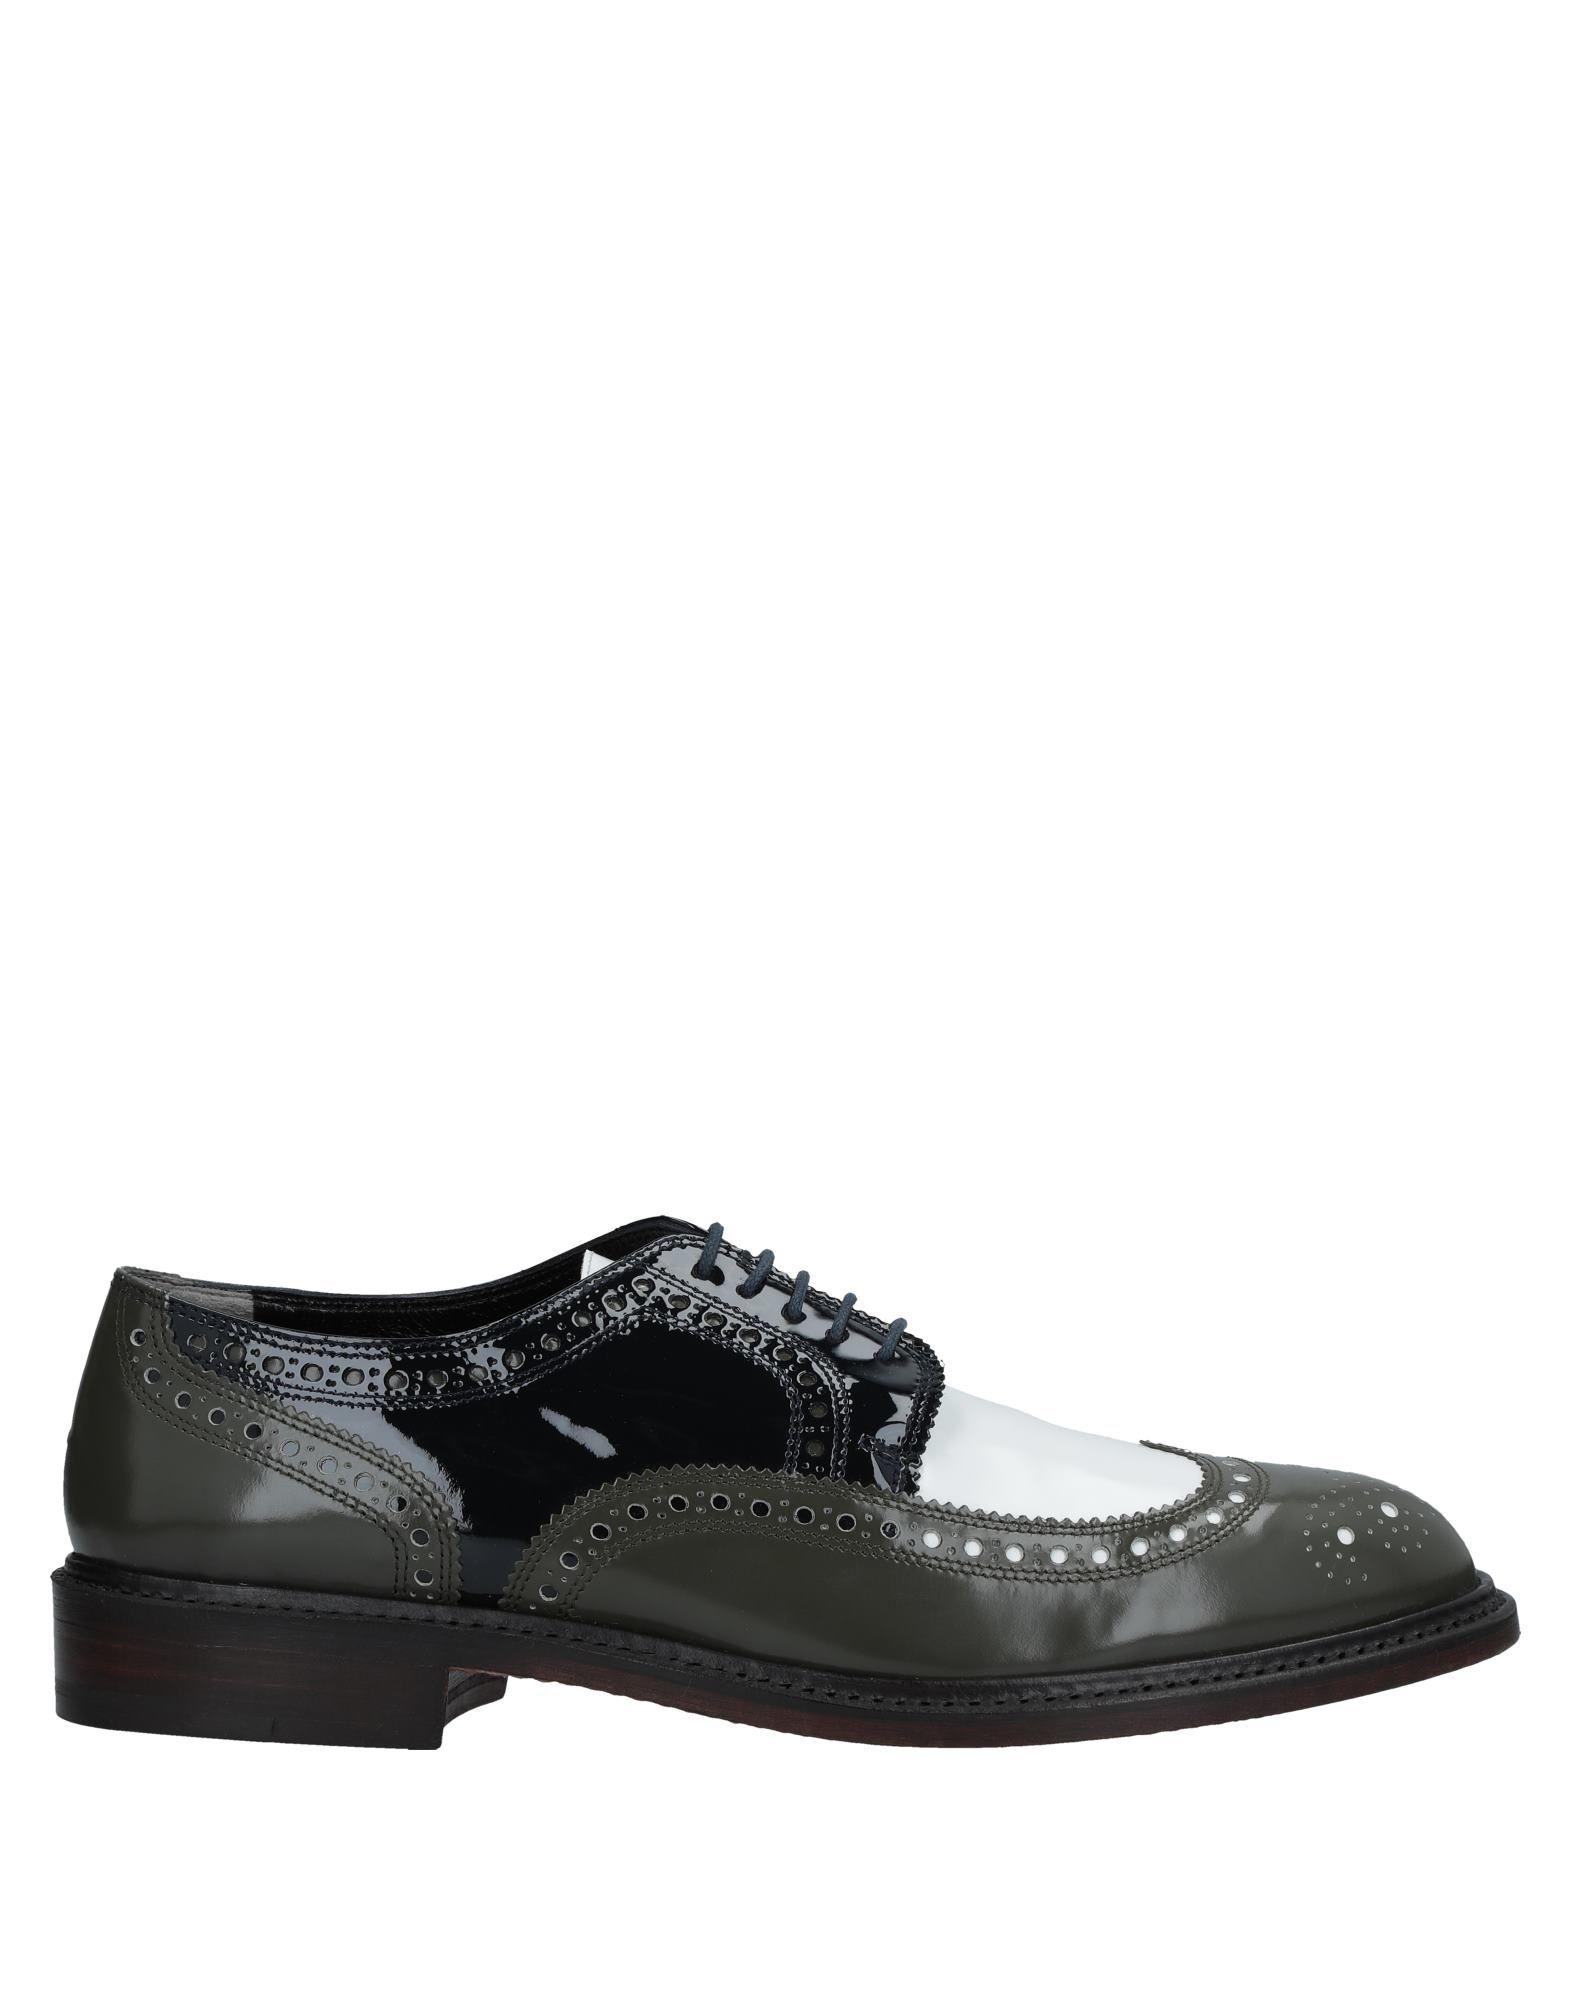 Rabatt Schuhe Robert Clergerie Schnürschuhe Damen  11530839HG